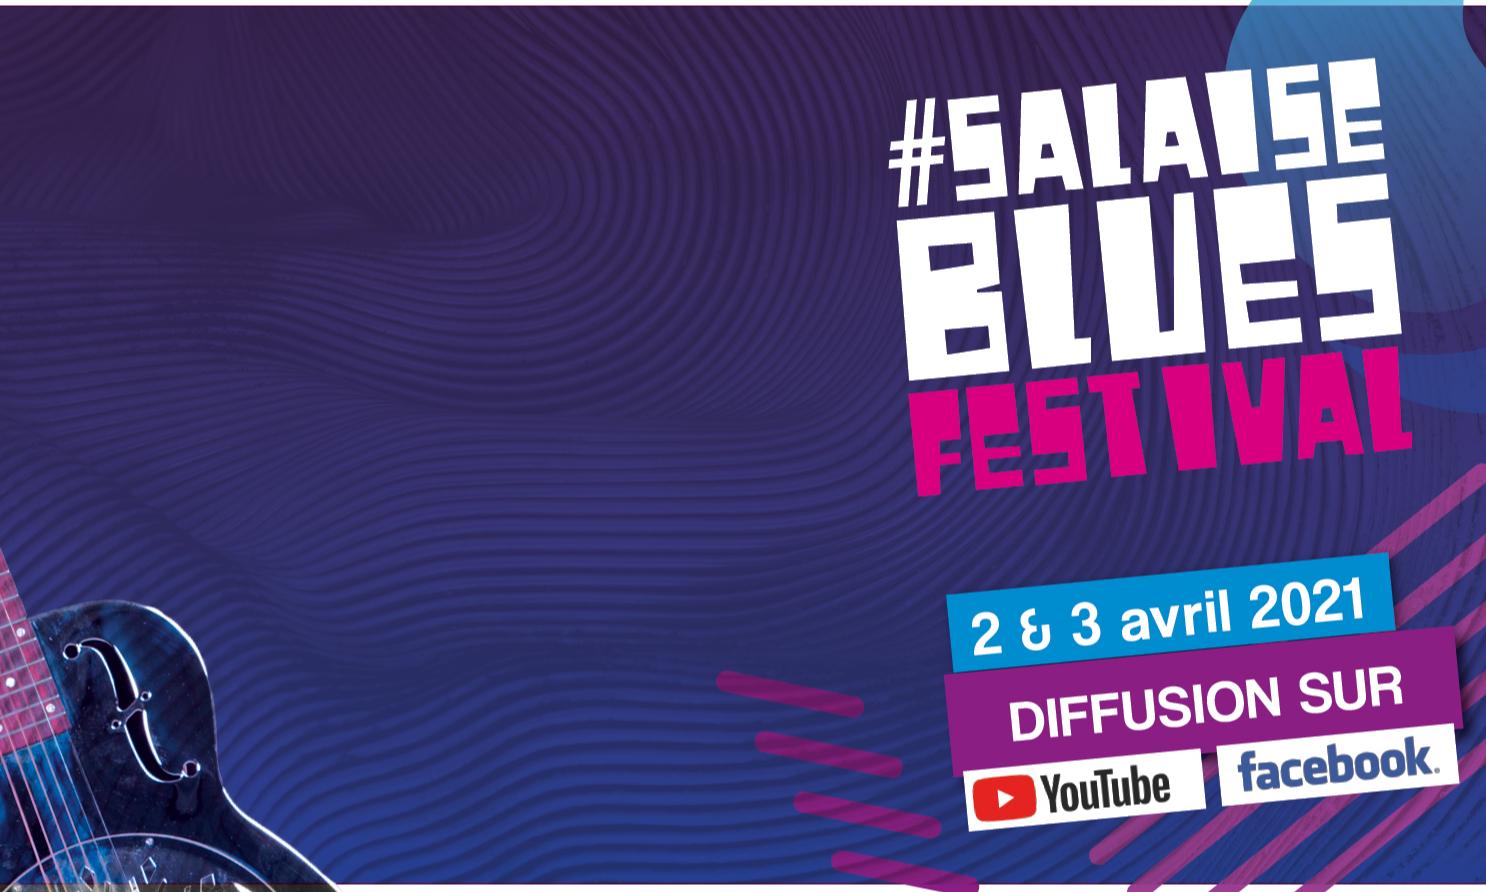 Le Salaise Blues Festival en streaming